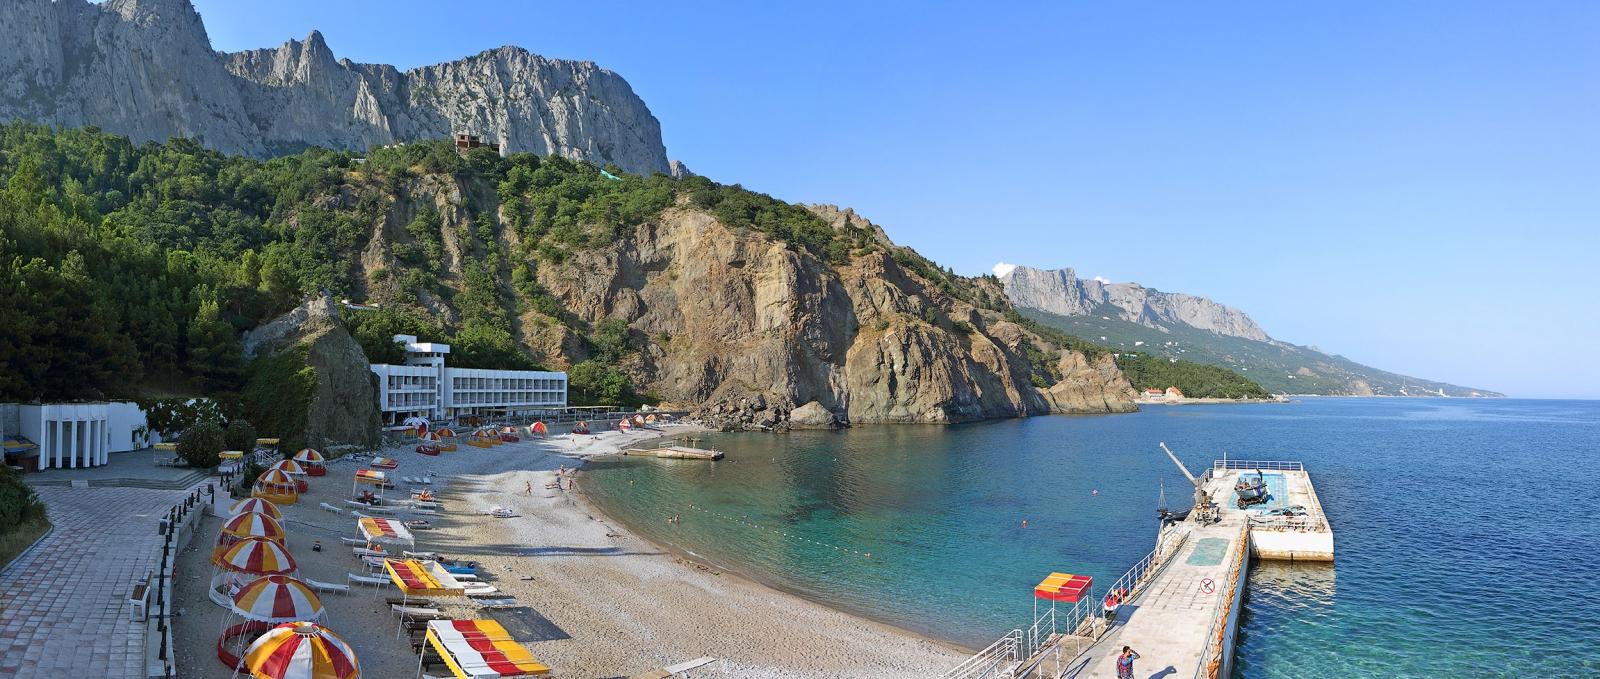 Крым 2018 фото пляжа